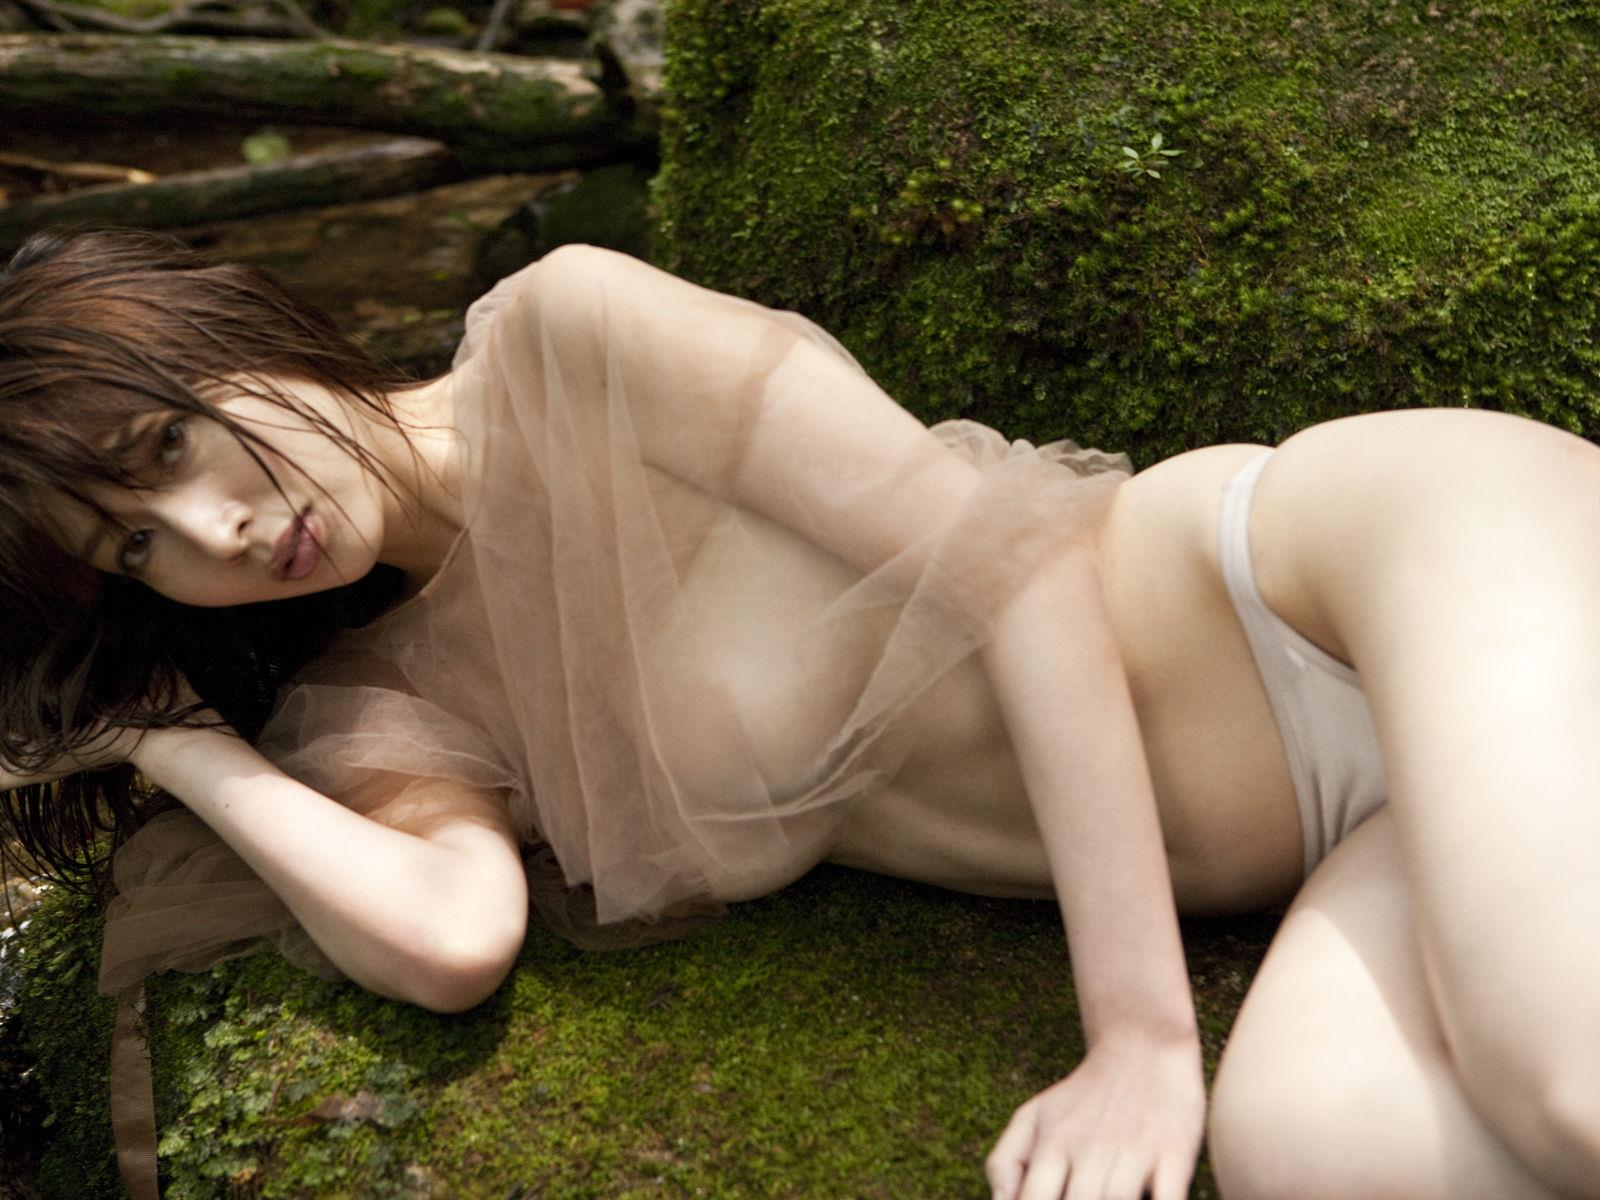 小林恵美 セミヌード画像 96